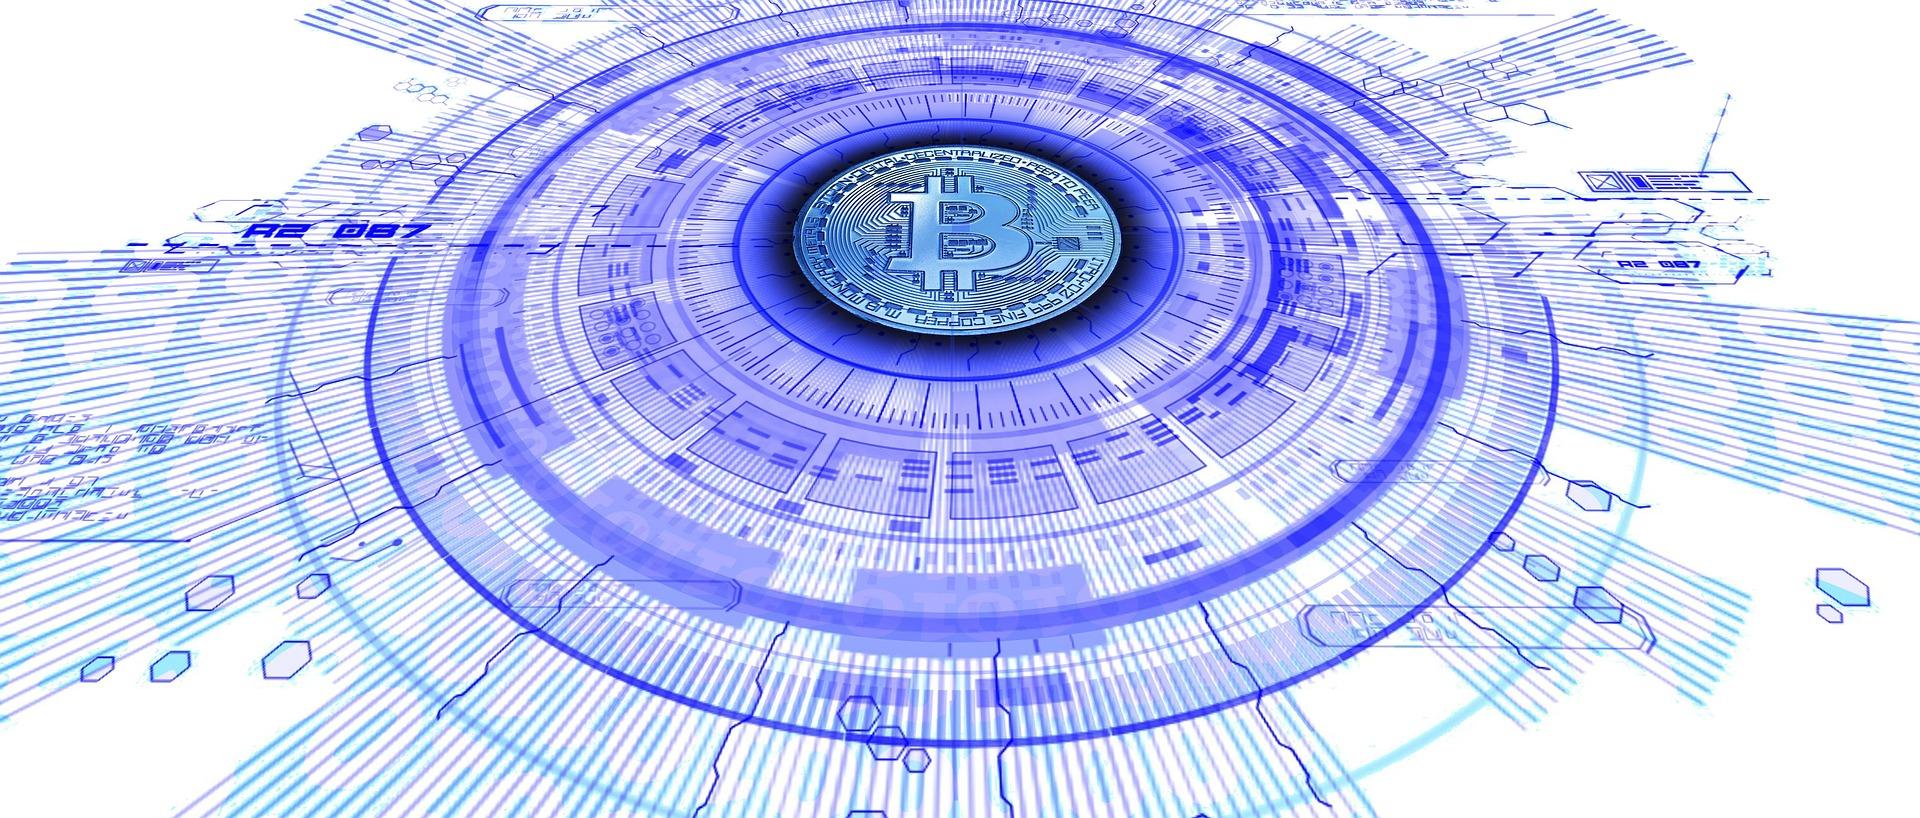 Le Développement Financier Axé Sur La Technologie Blockchain En Tunisie